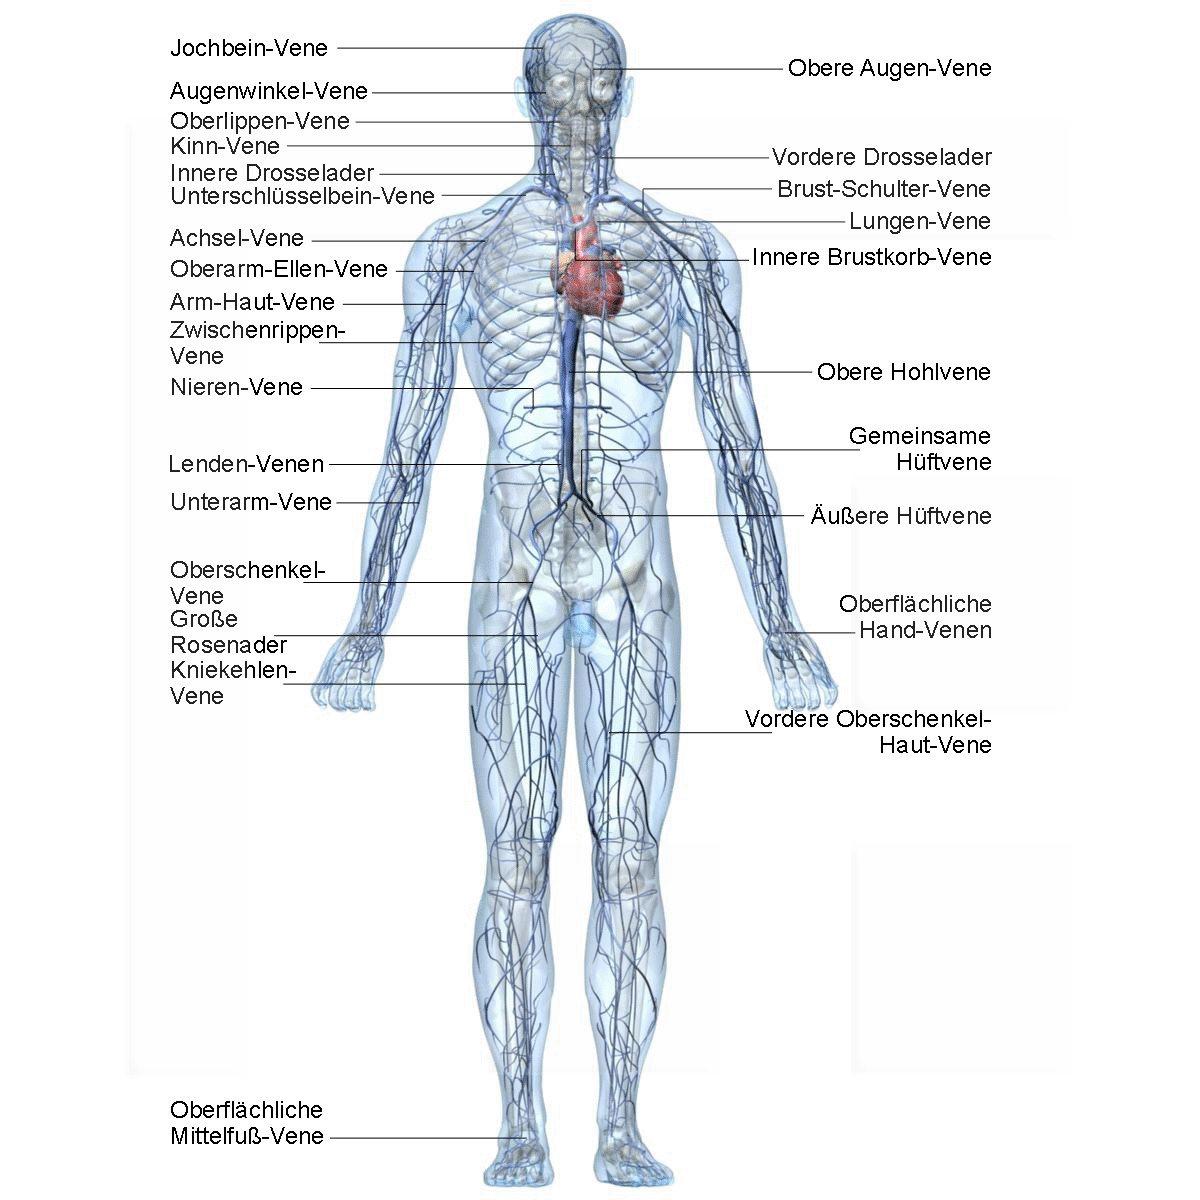 Großzügig Anatomie Der Achsel Galerie - Menschliche Anatomie Bilder ...